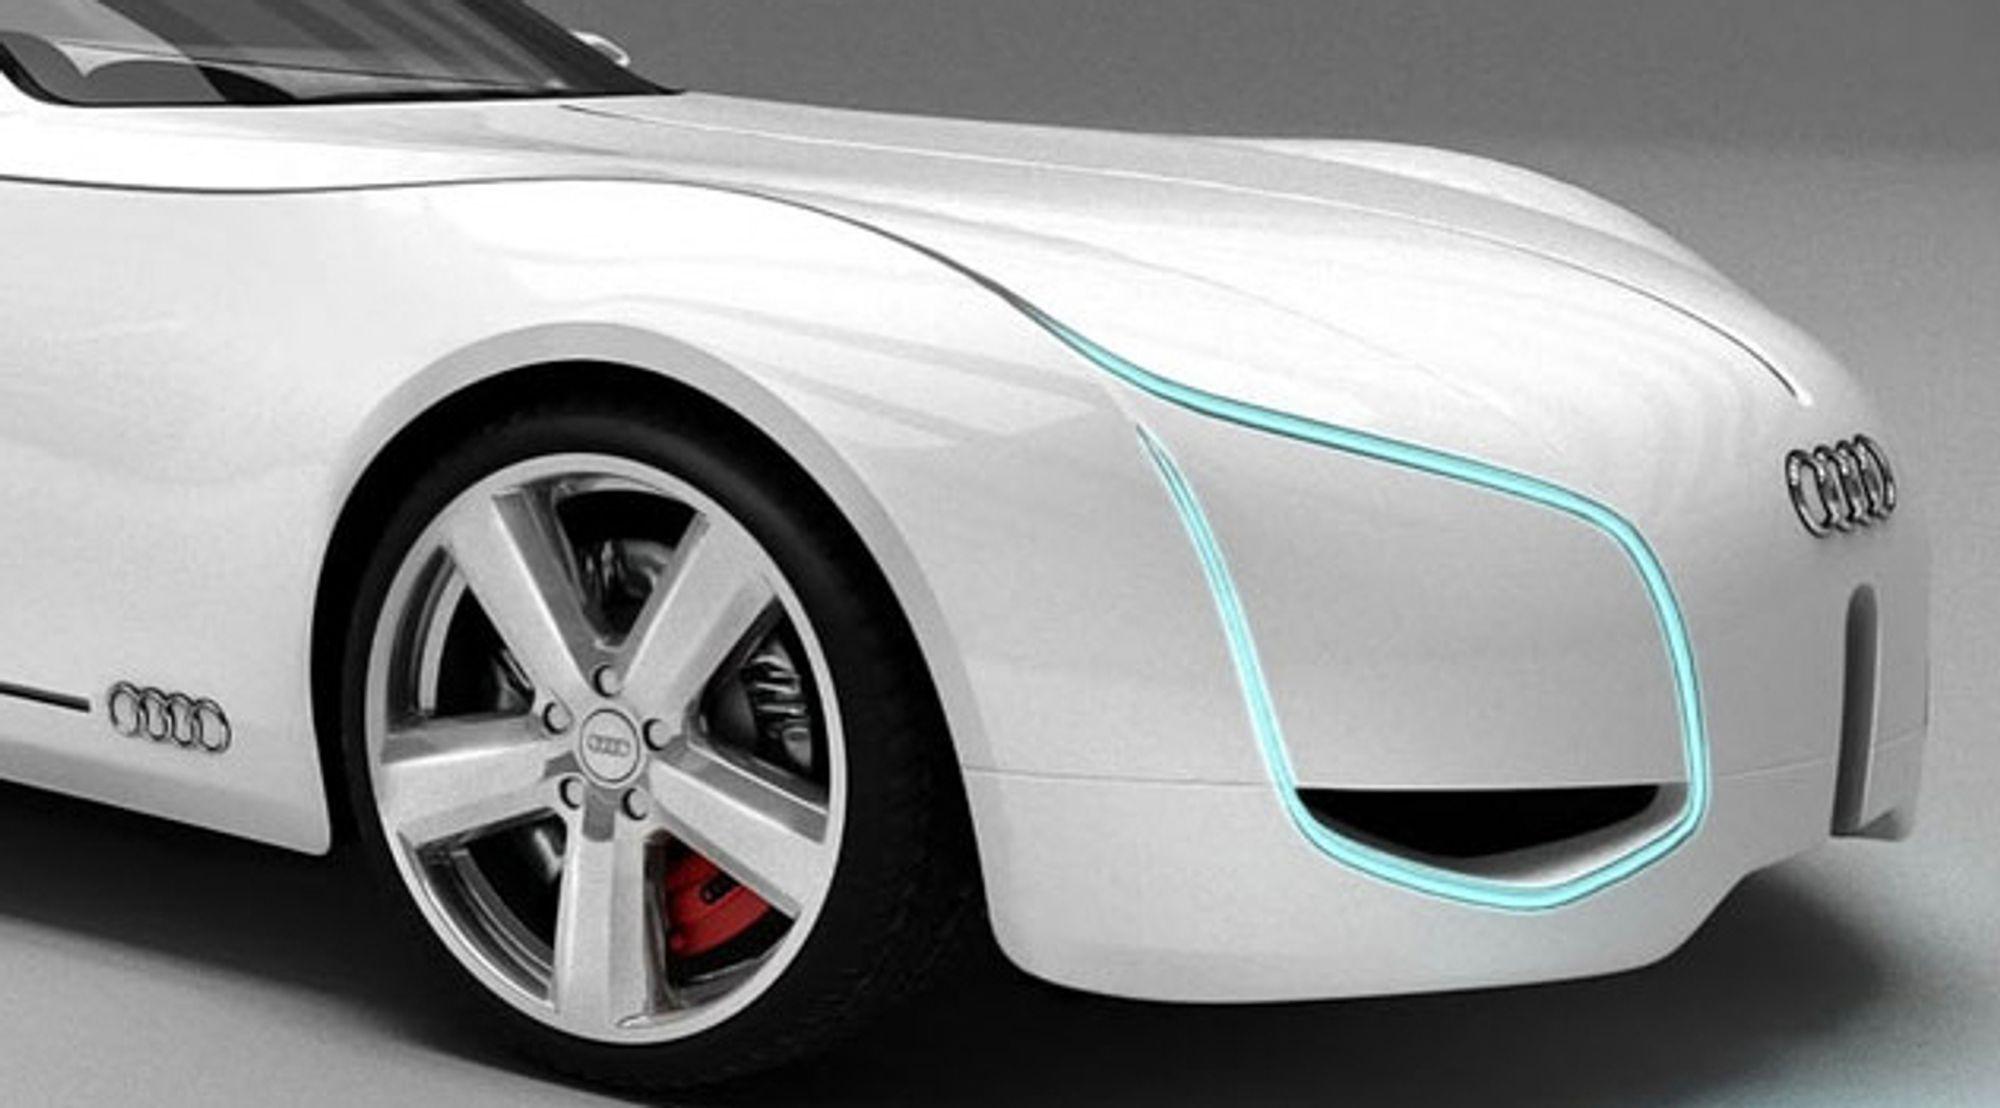 FRAMTIDSGLISET: Bilfabrikantene kappes om å bygge elbiler, her er Audis konseptbil D/. Transportsektoren står overfor svært store omveltninger når oljeproduksjonen faller. Et helt nytt paradigme er i emning, mener Econ Pöyry, som har skrevet en rapport på vegne av Samferdselsdepartementet.